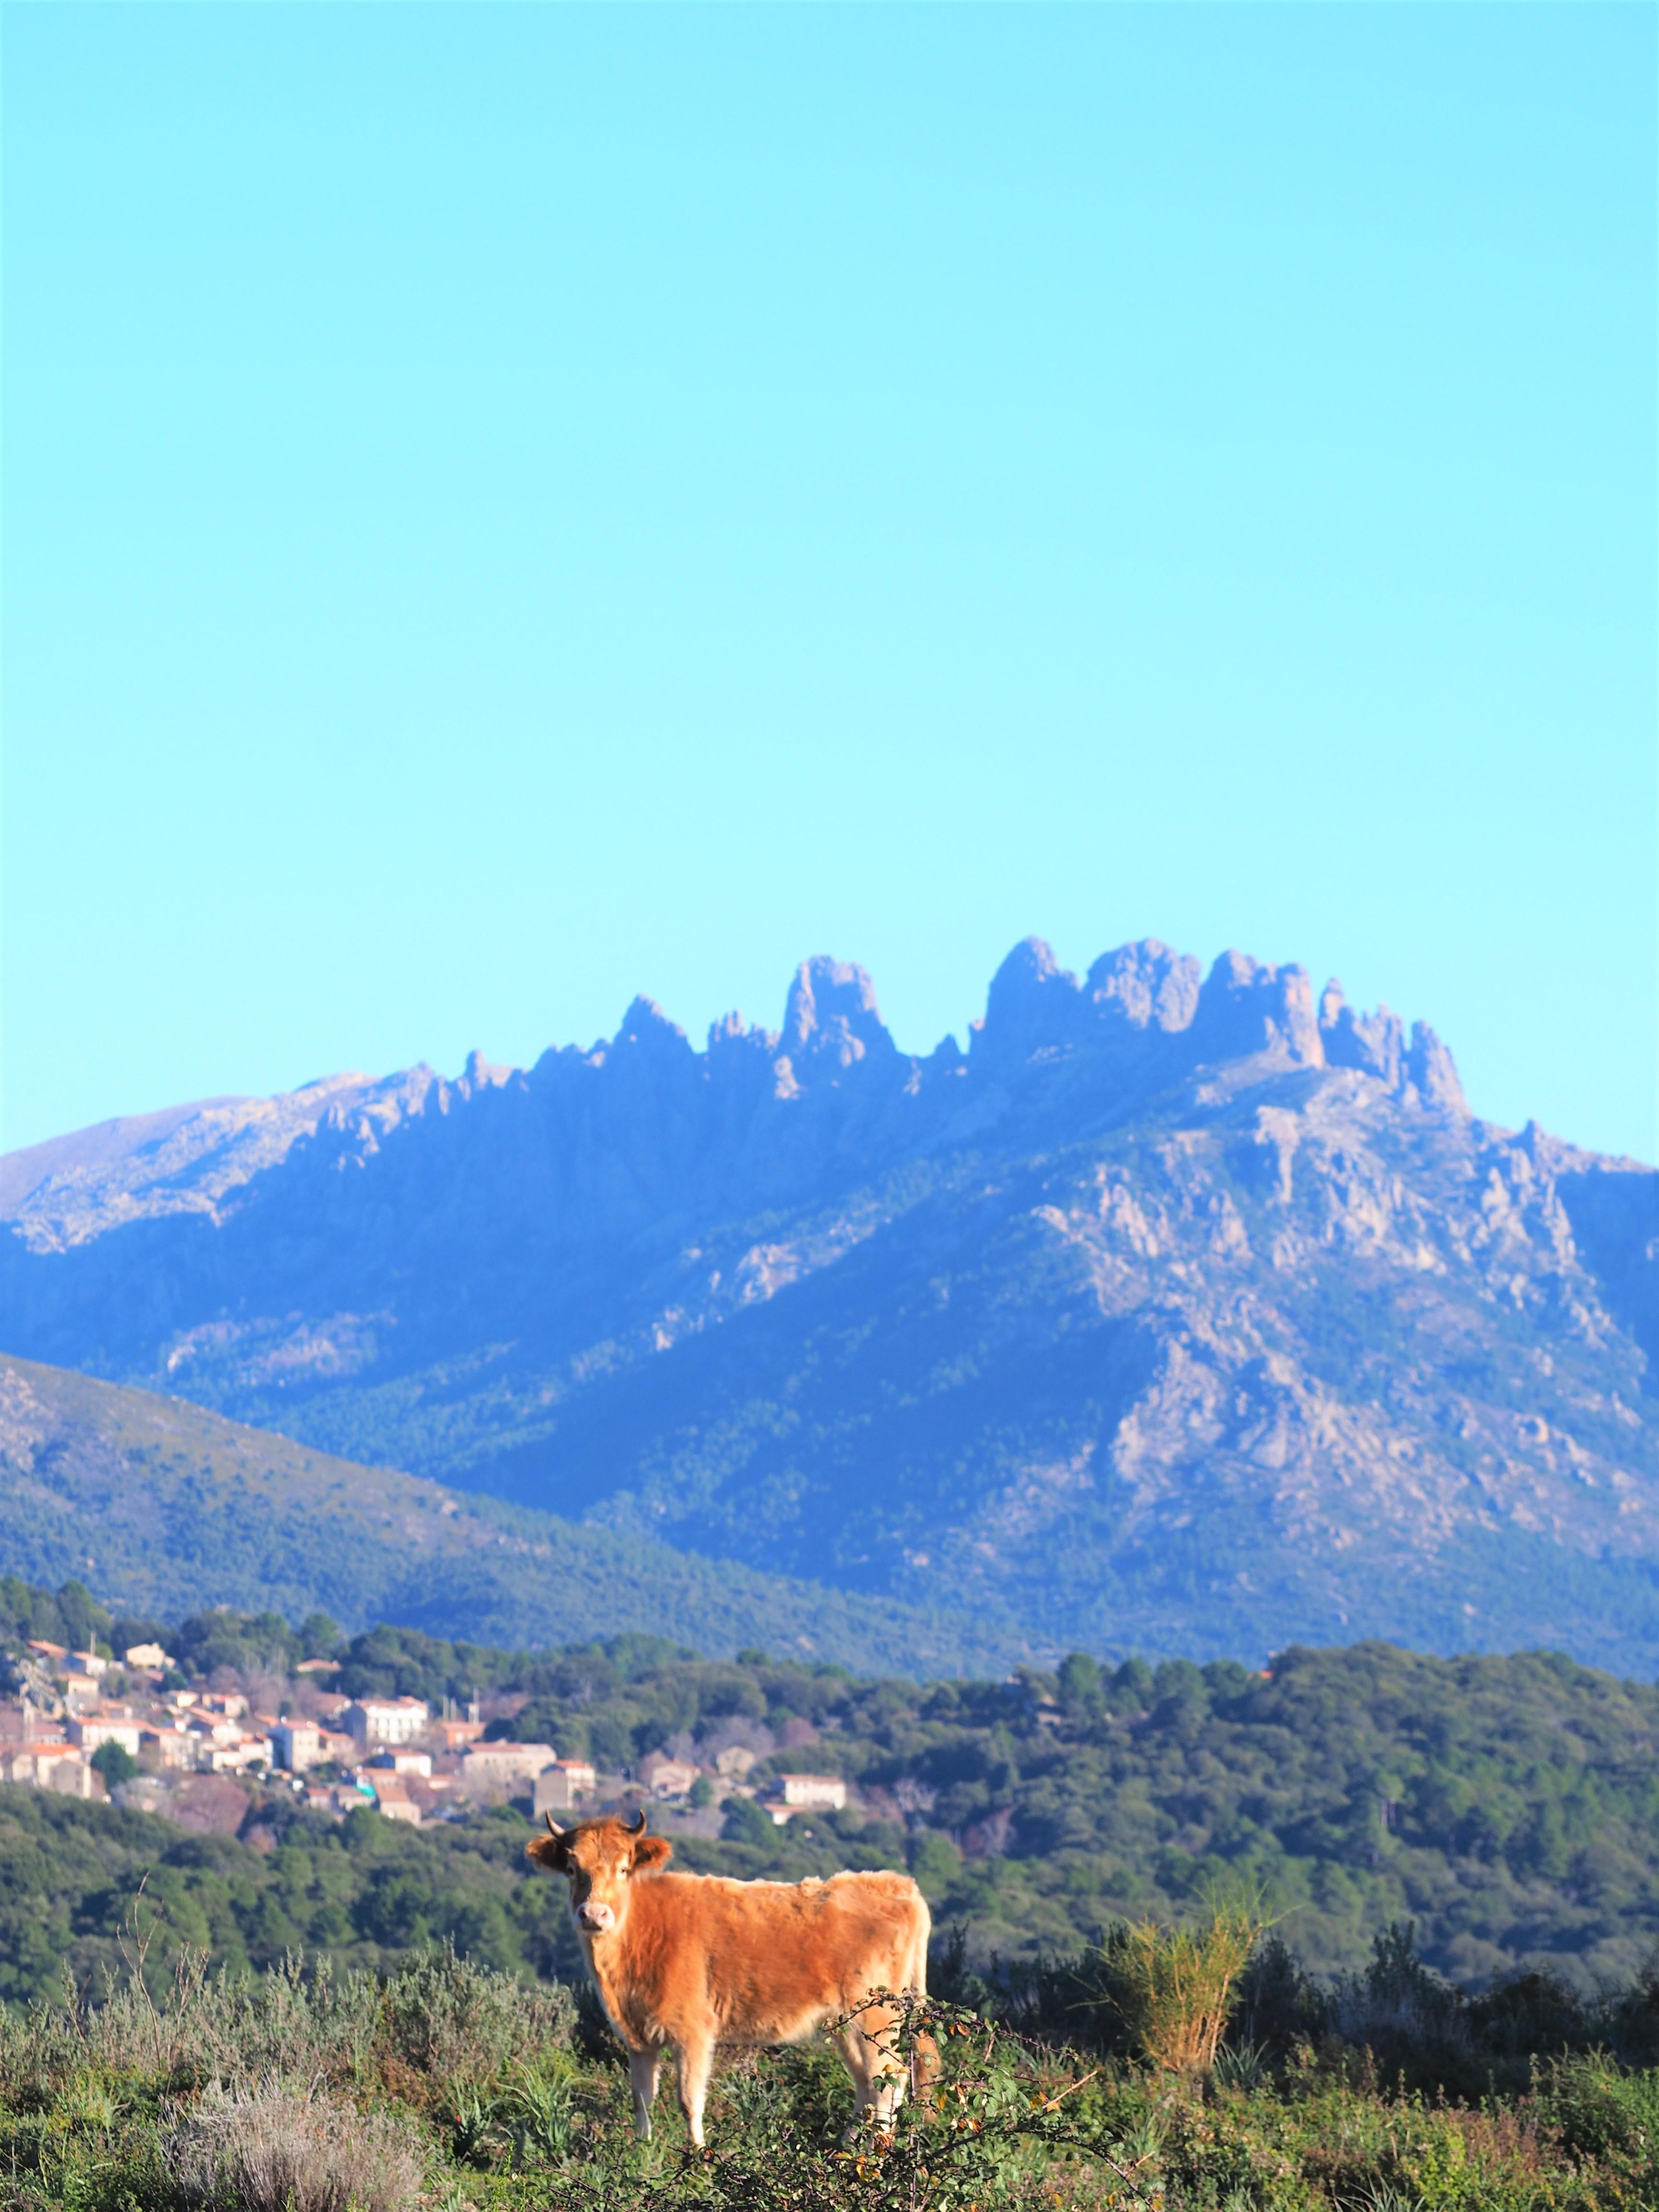 Alta rocca tourisme corse du sud bavella